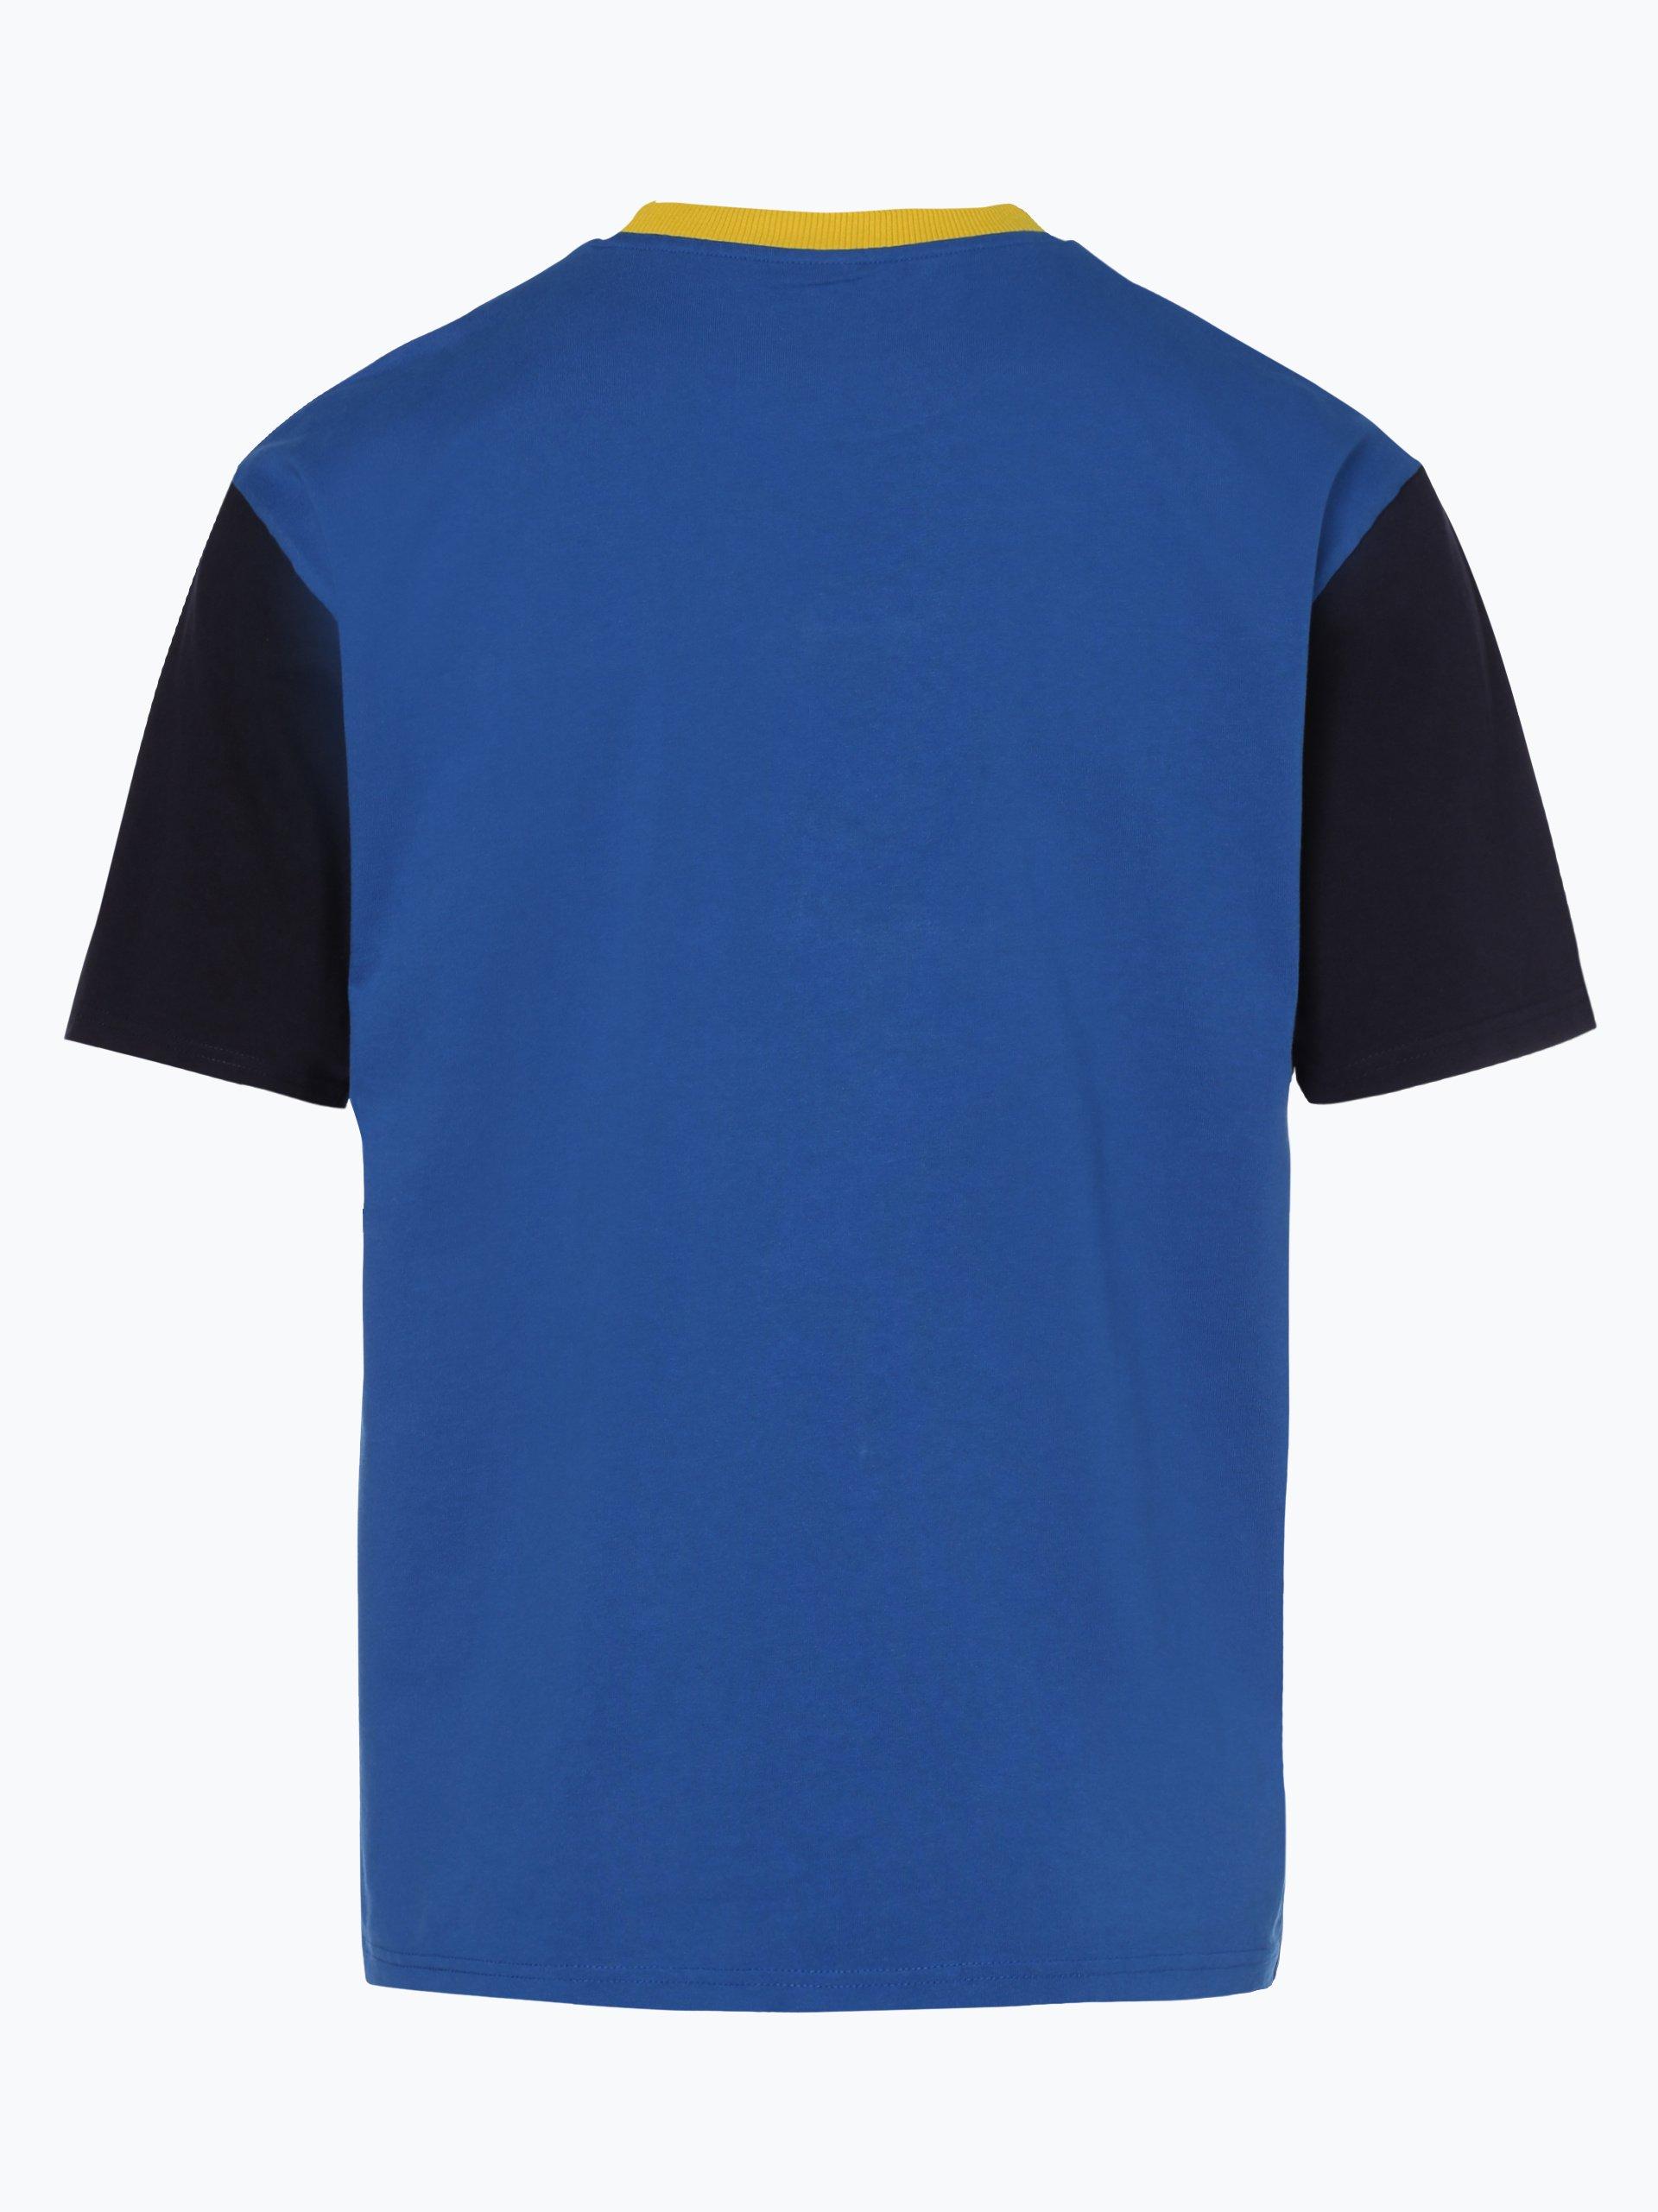 BOSS Casual Herren T-Shirt - T-Bold